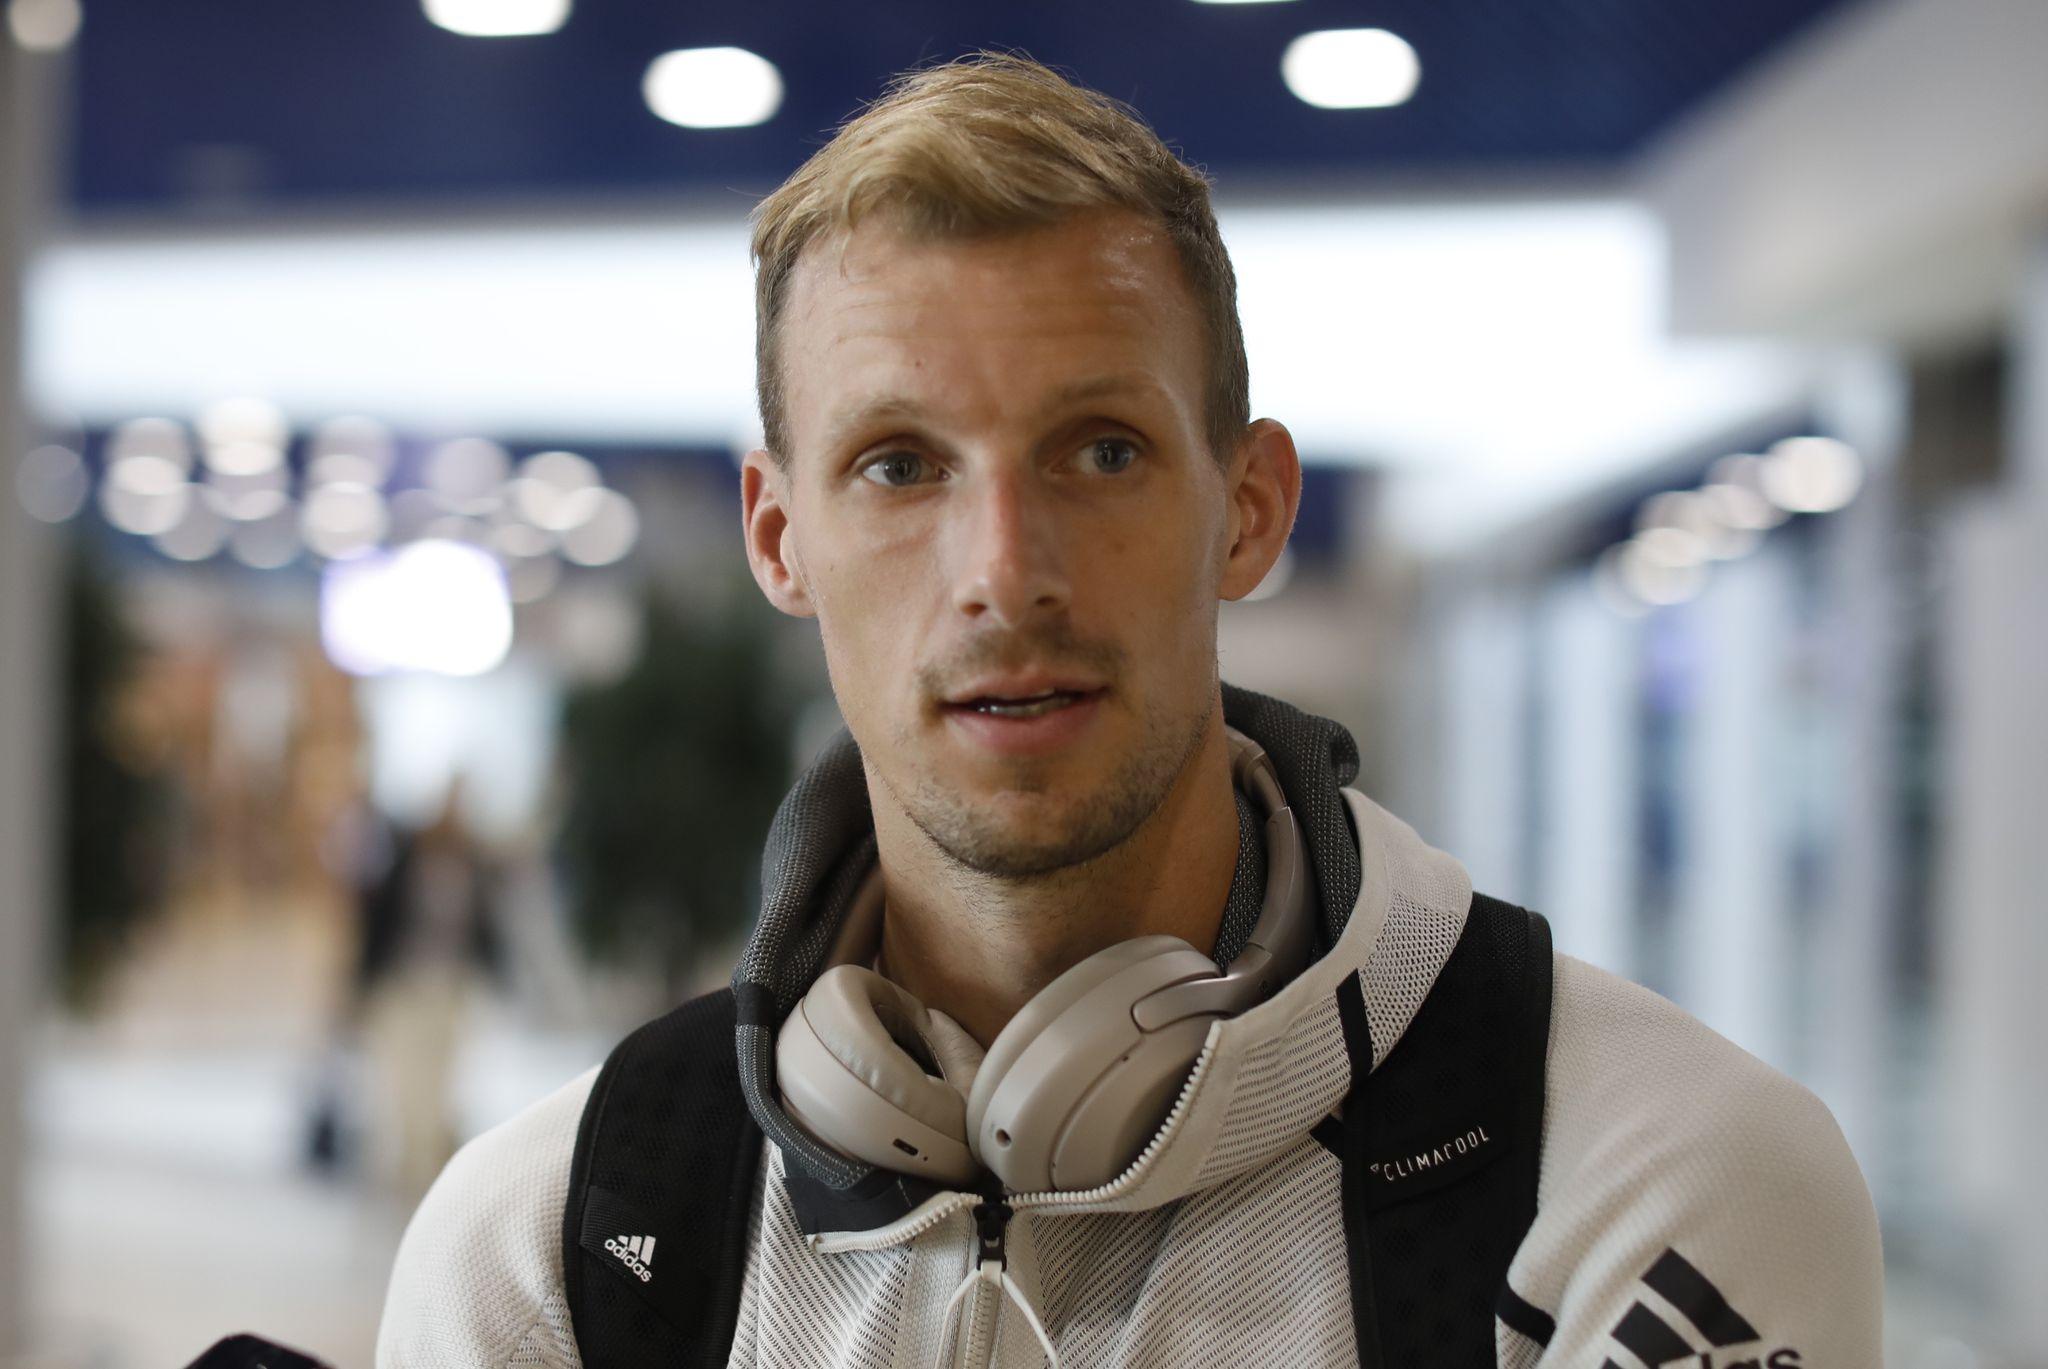 Andre Hansen